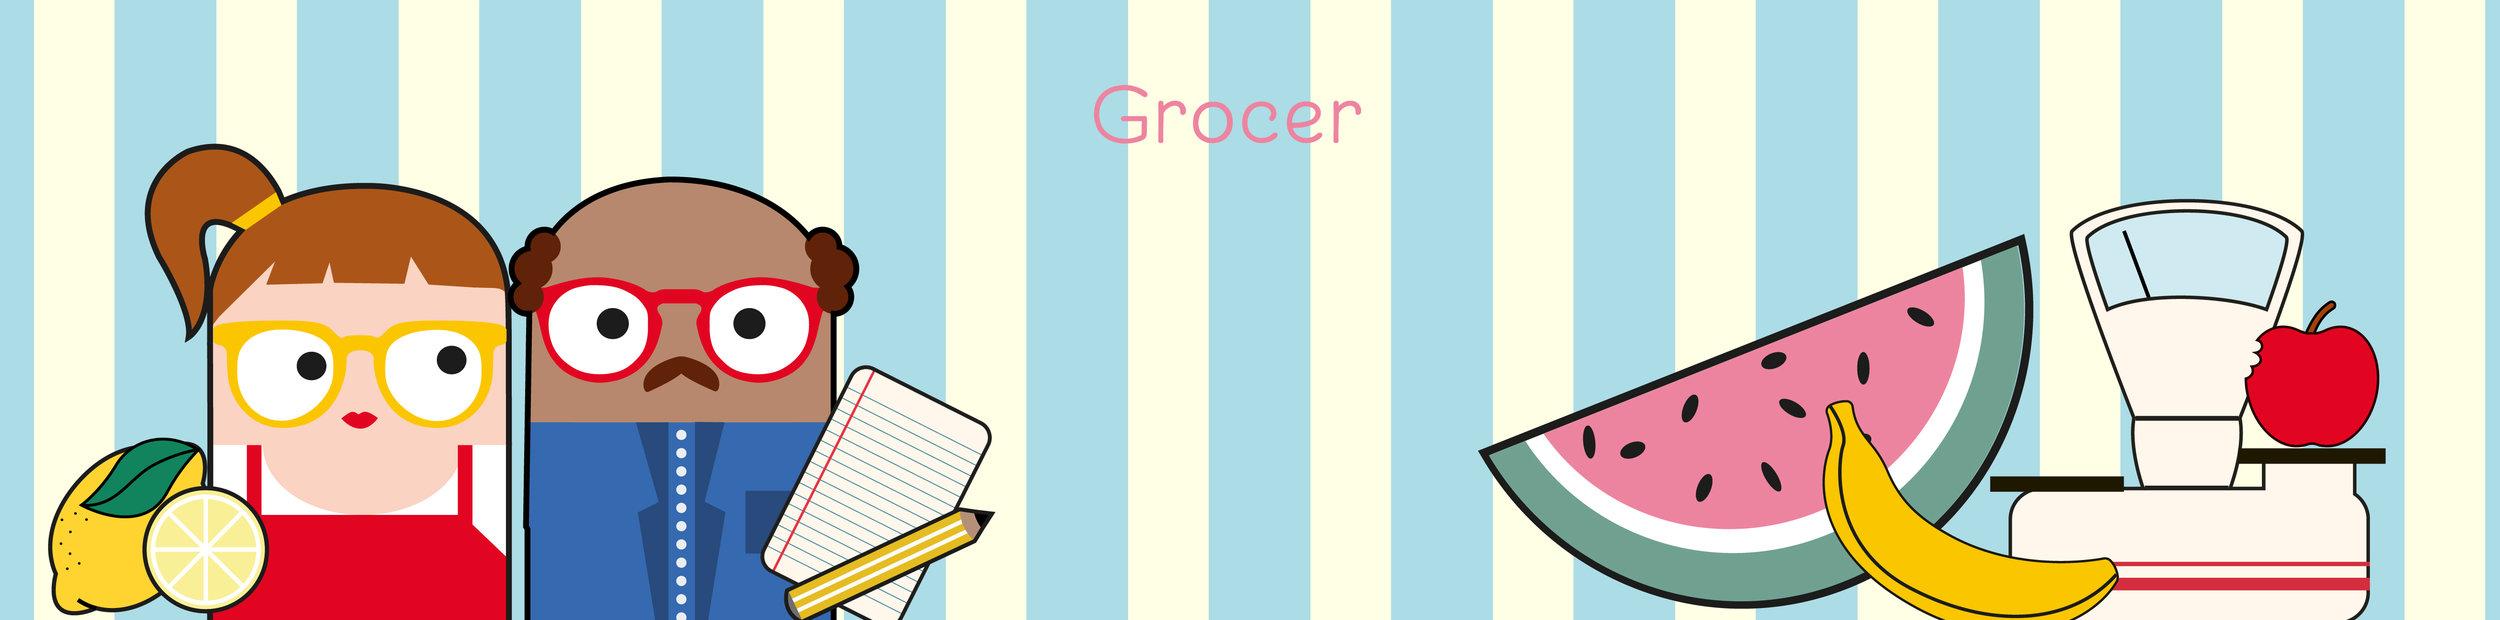 banner-grocer.jpg